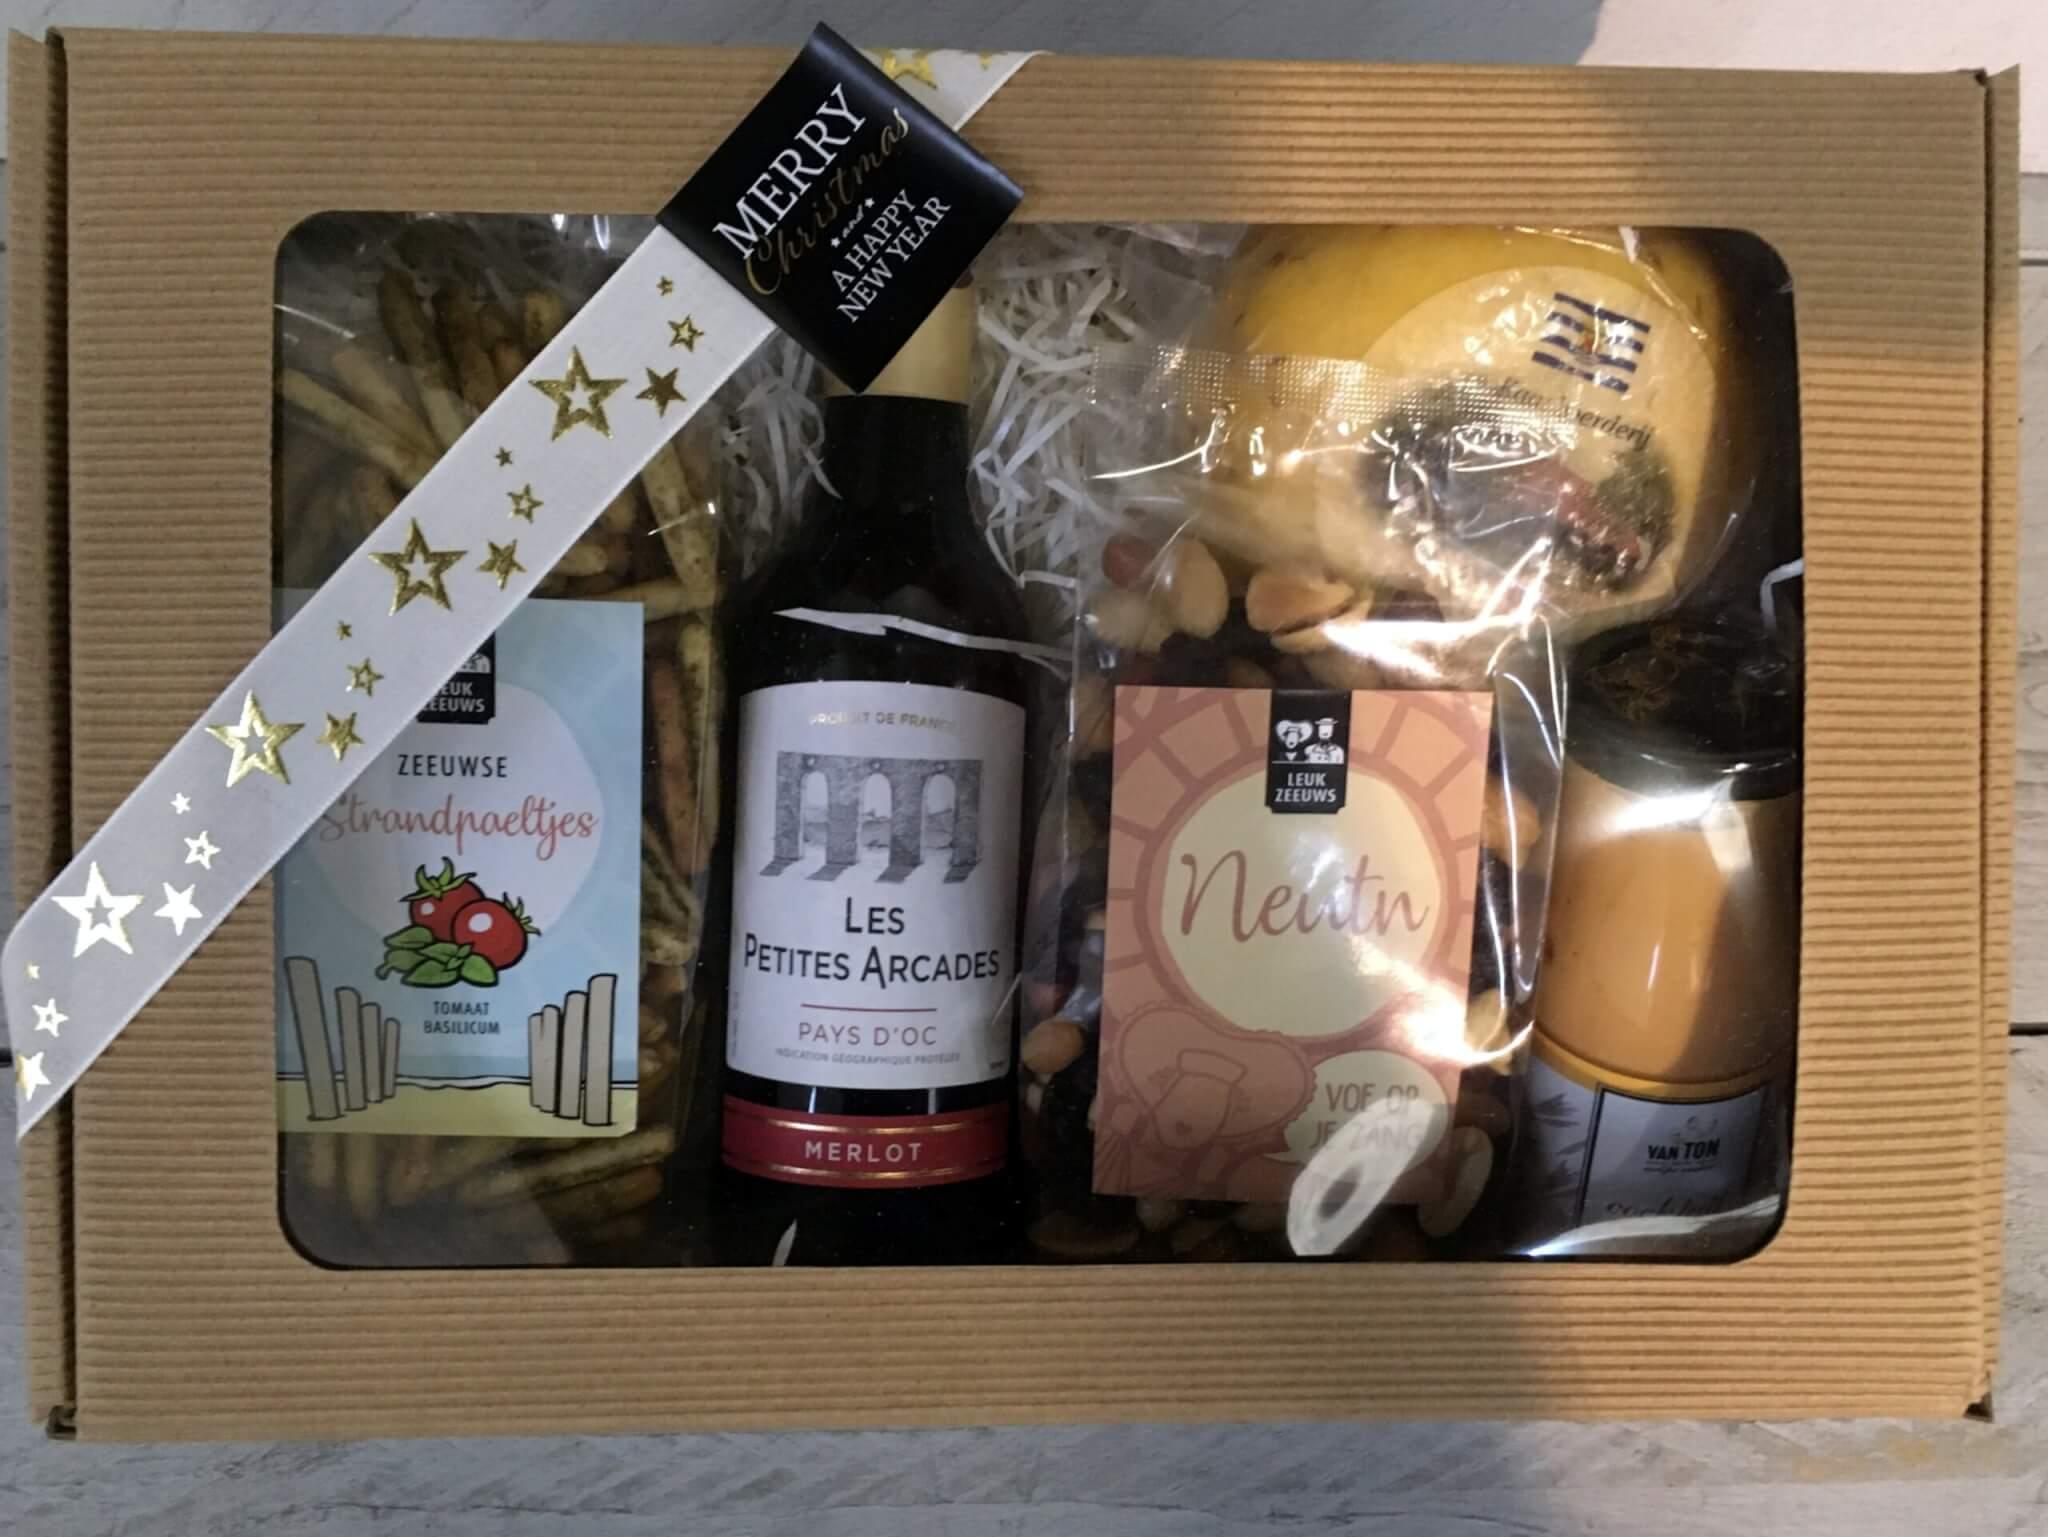 Fruitbedrijf Van den Berge: Kerstpakketten 2020 Wijn en meer